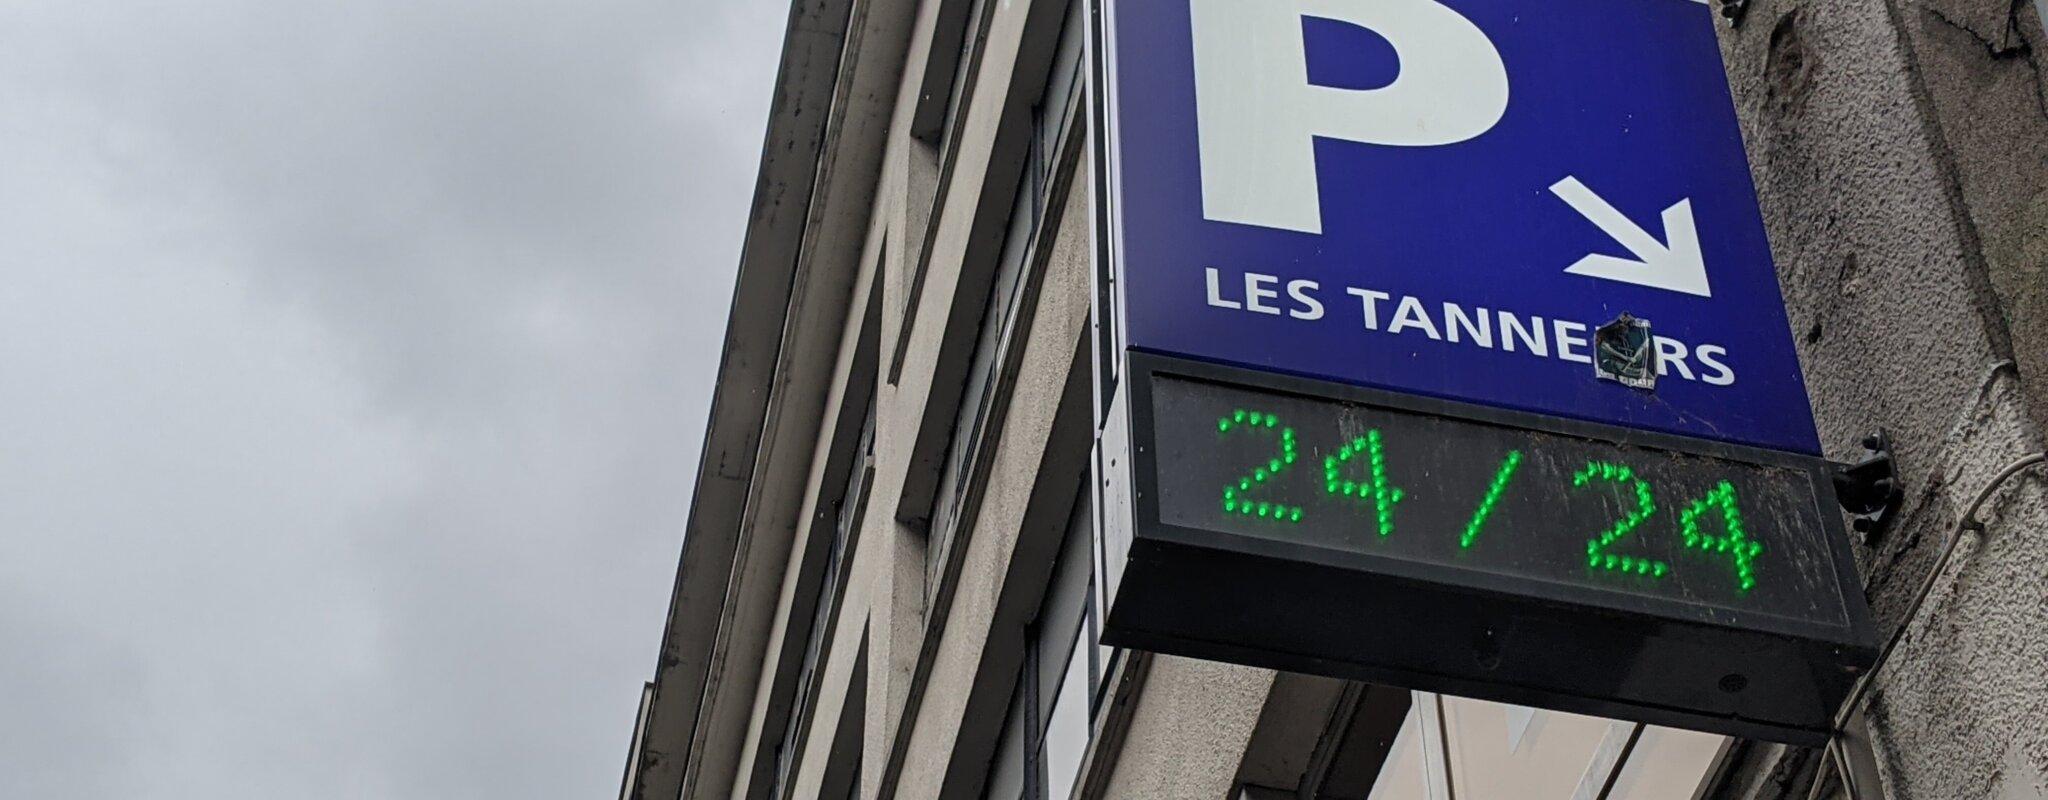 Racheté, le parking de la rue du Fossé-des-Tanneurs sera transformé en bureaux